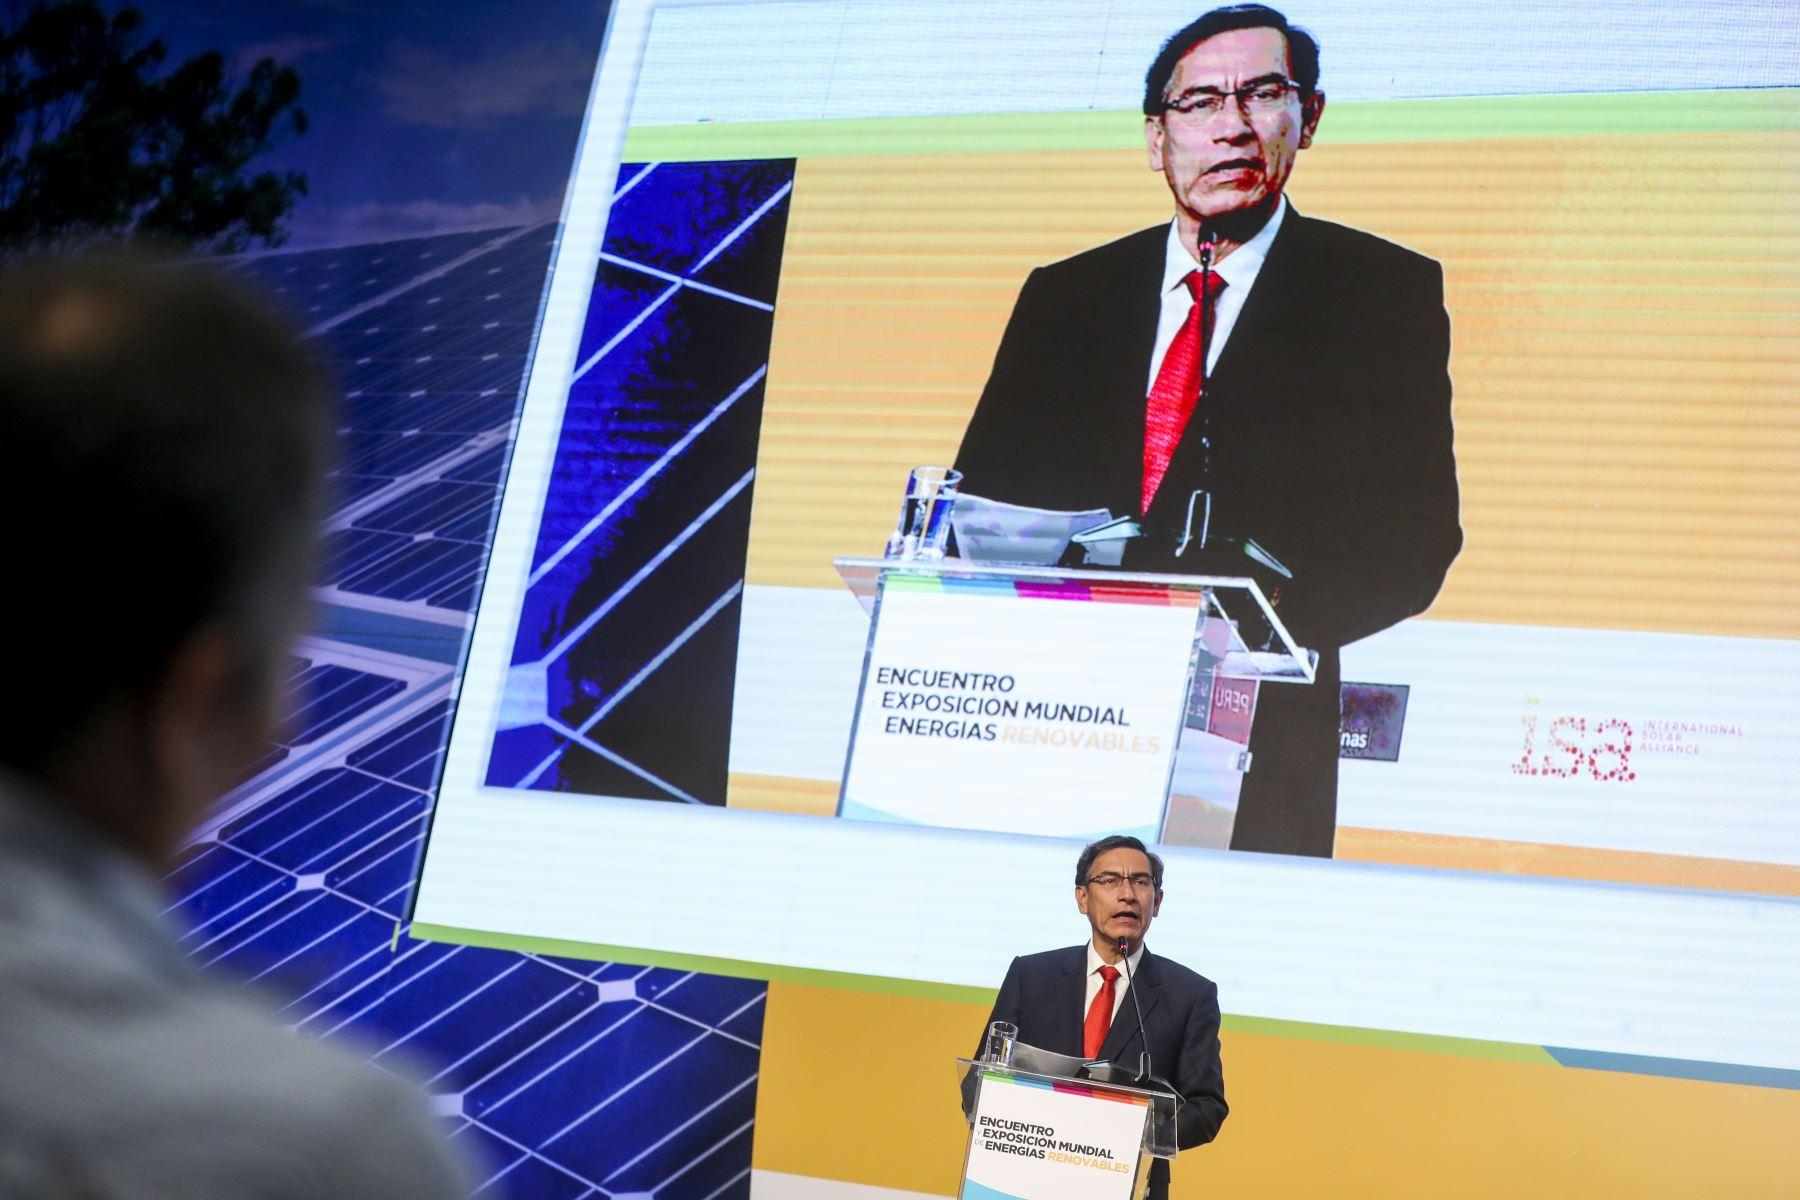 Jefe del Estado, Martín Vizcarra participa en la clausura del Sun World 2019 Perú – Encuentro y Exposición Mundial de Energías Renovables.Foto: ANDINA/Prensa Presidencia